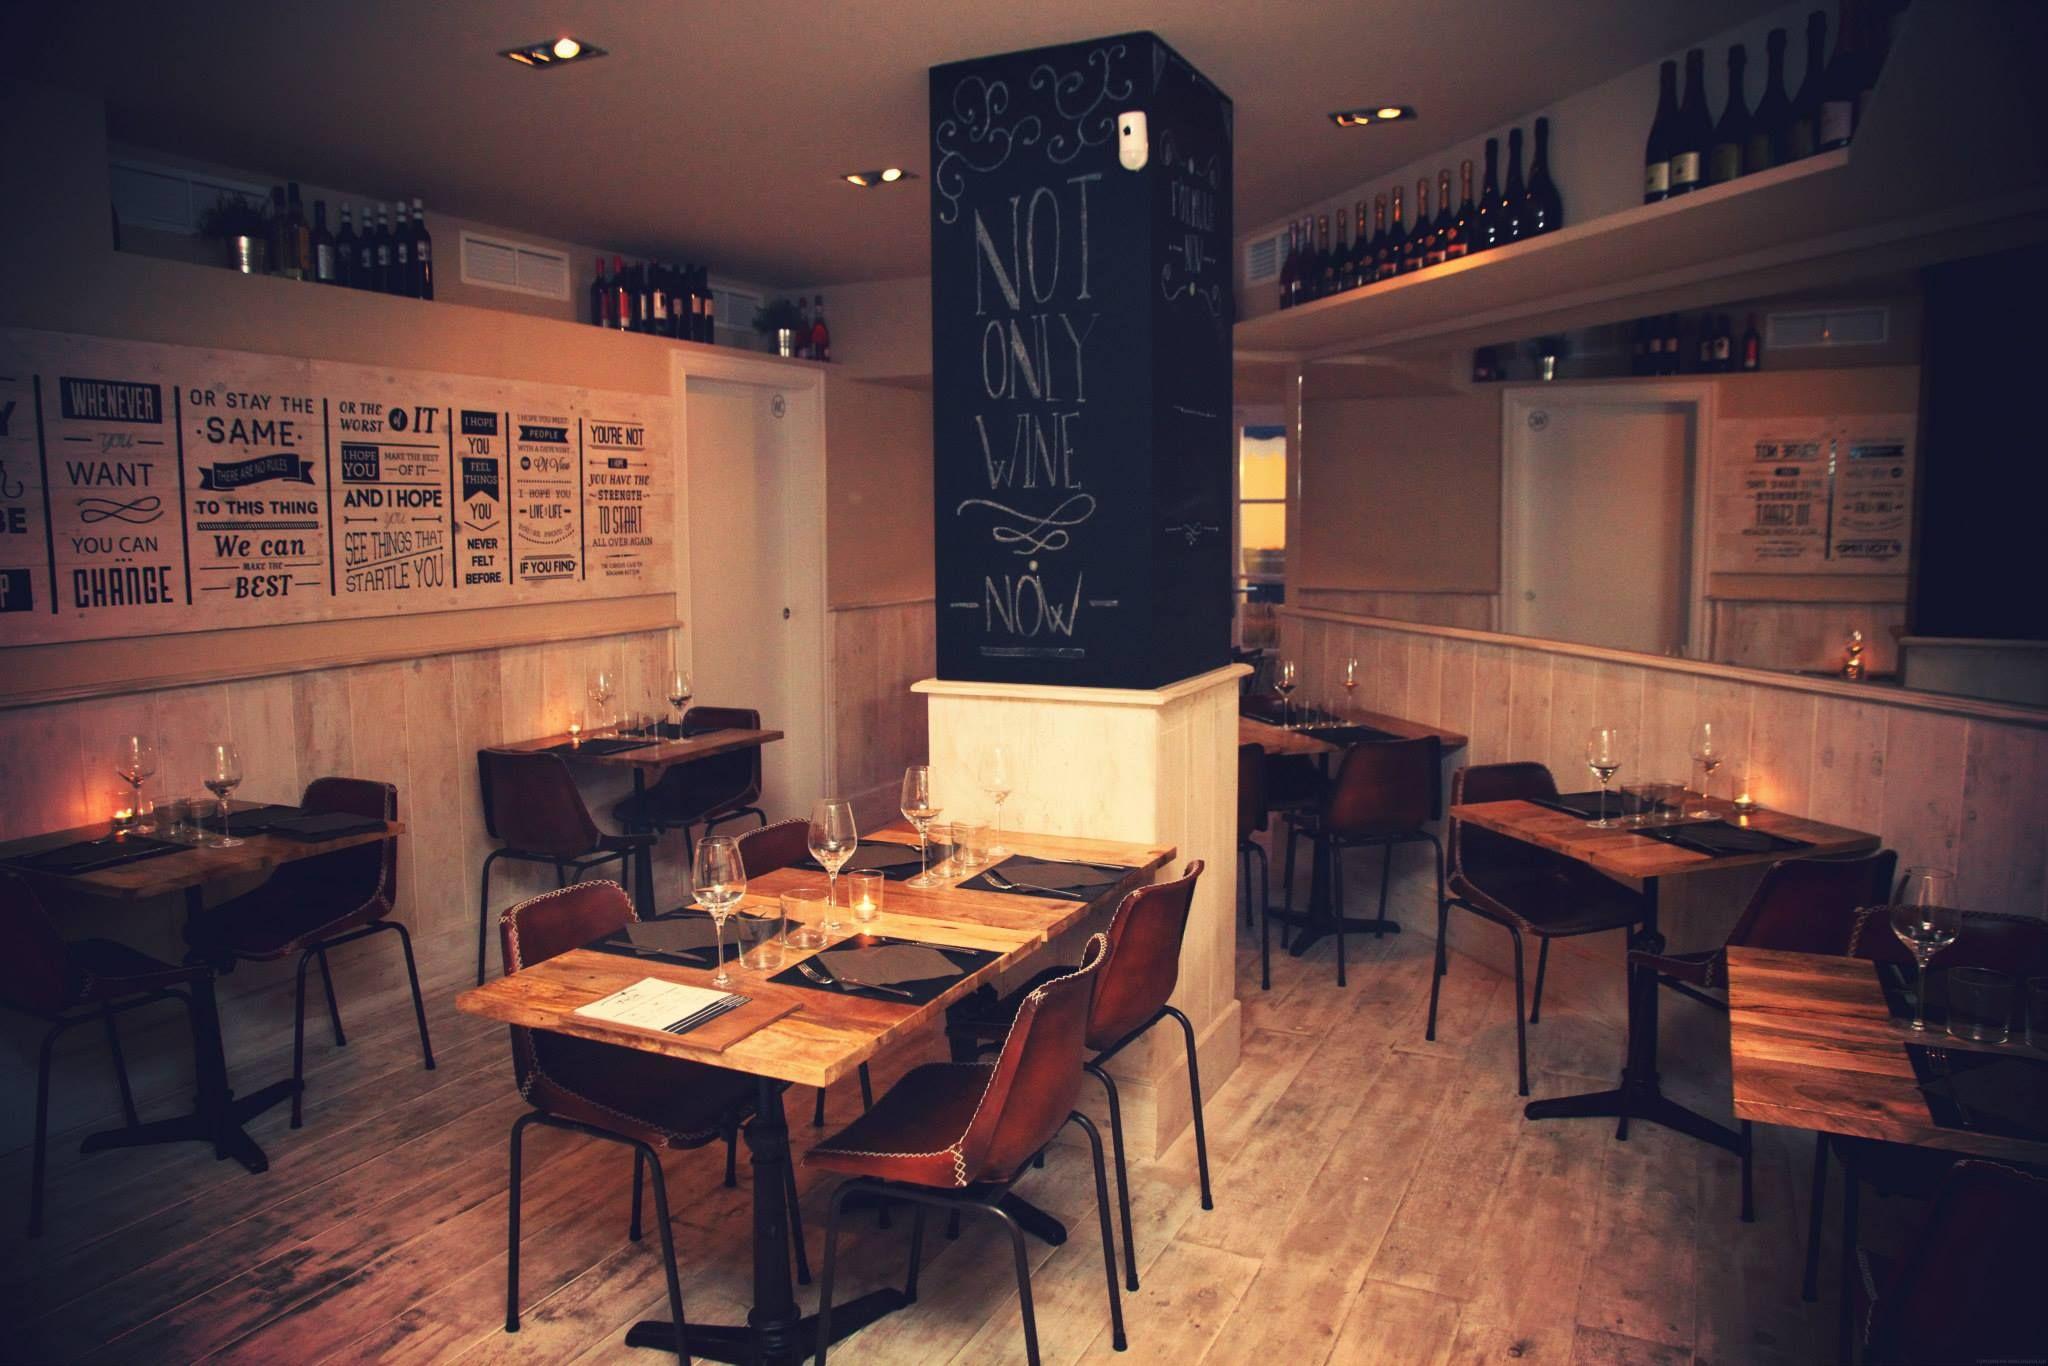 Mobiliario vintage en la vinoteca, tienda delicatessen y restaurante ...